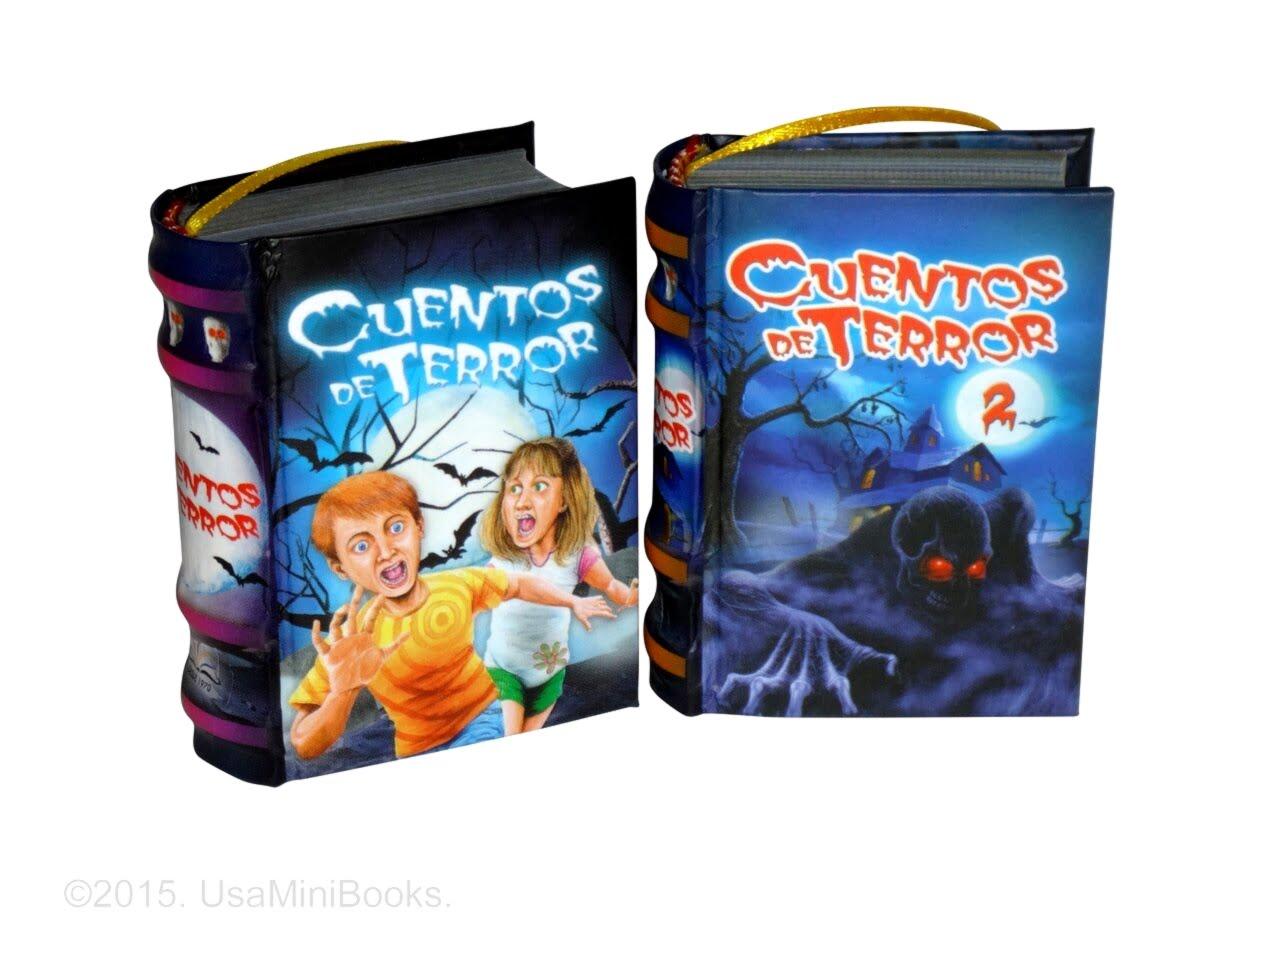 Cuentos_Terror_2-miniature-book-libro